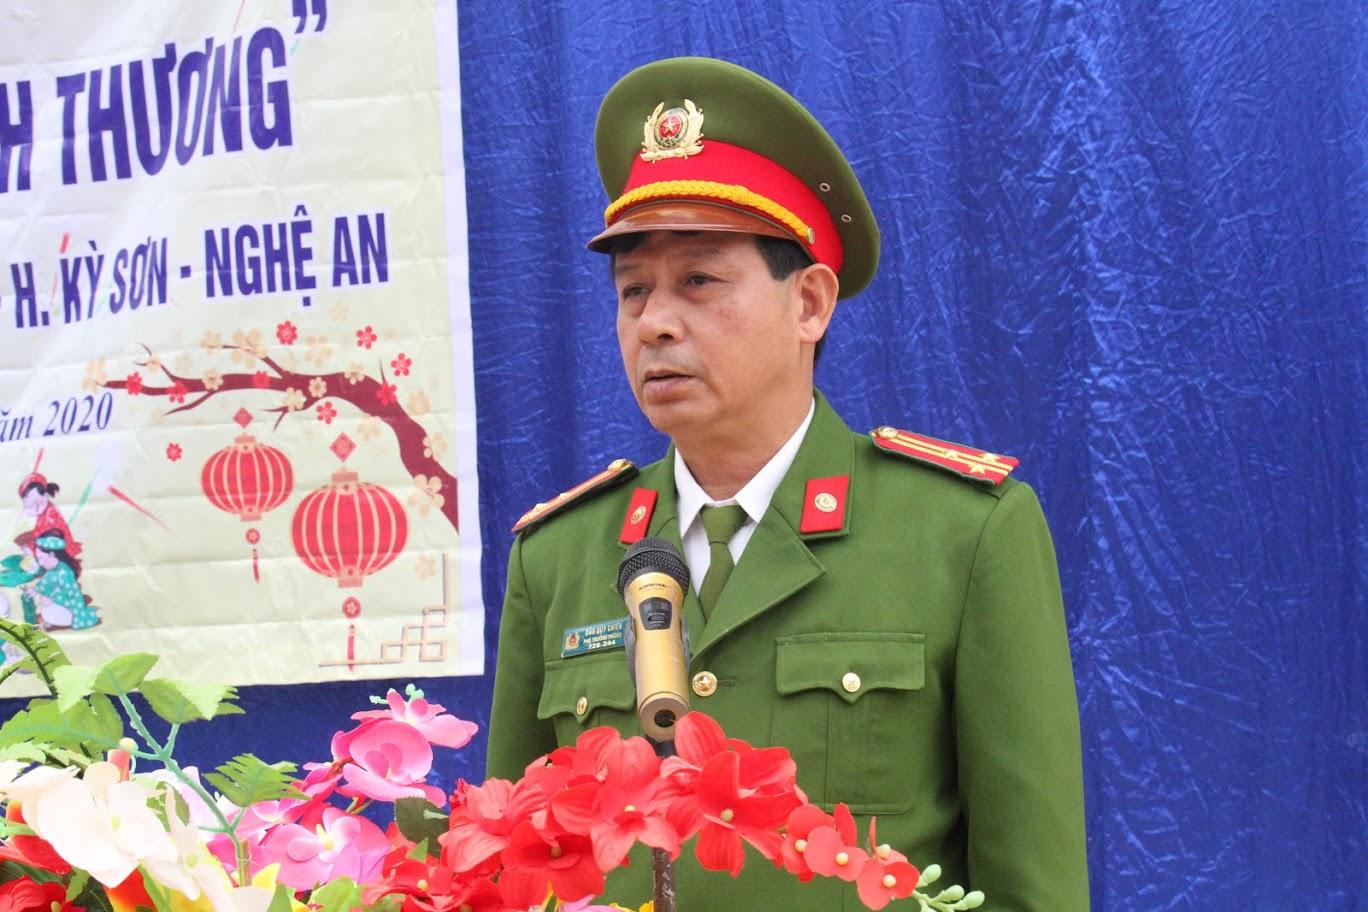 Thượng tá Đào Duy Chiến, Phó Trưởng phòng CSMT, Trưởng đoàn công tác phát biểu tại buổi lễ